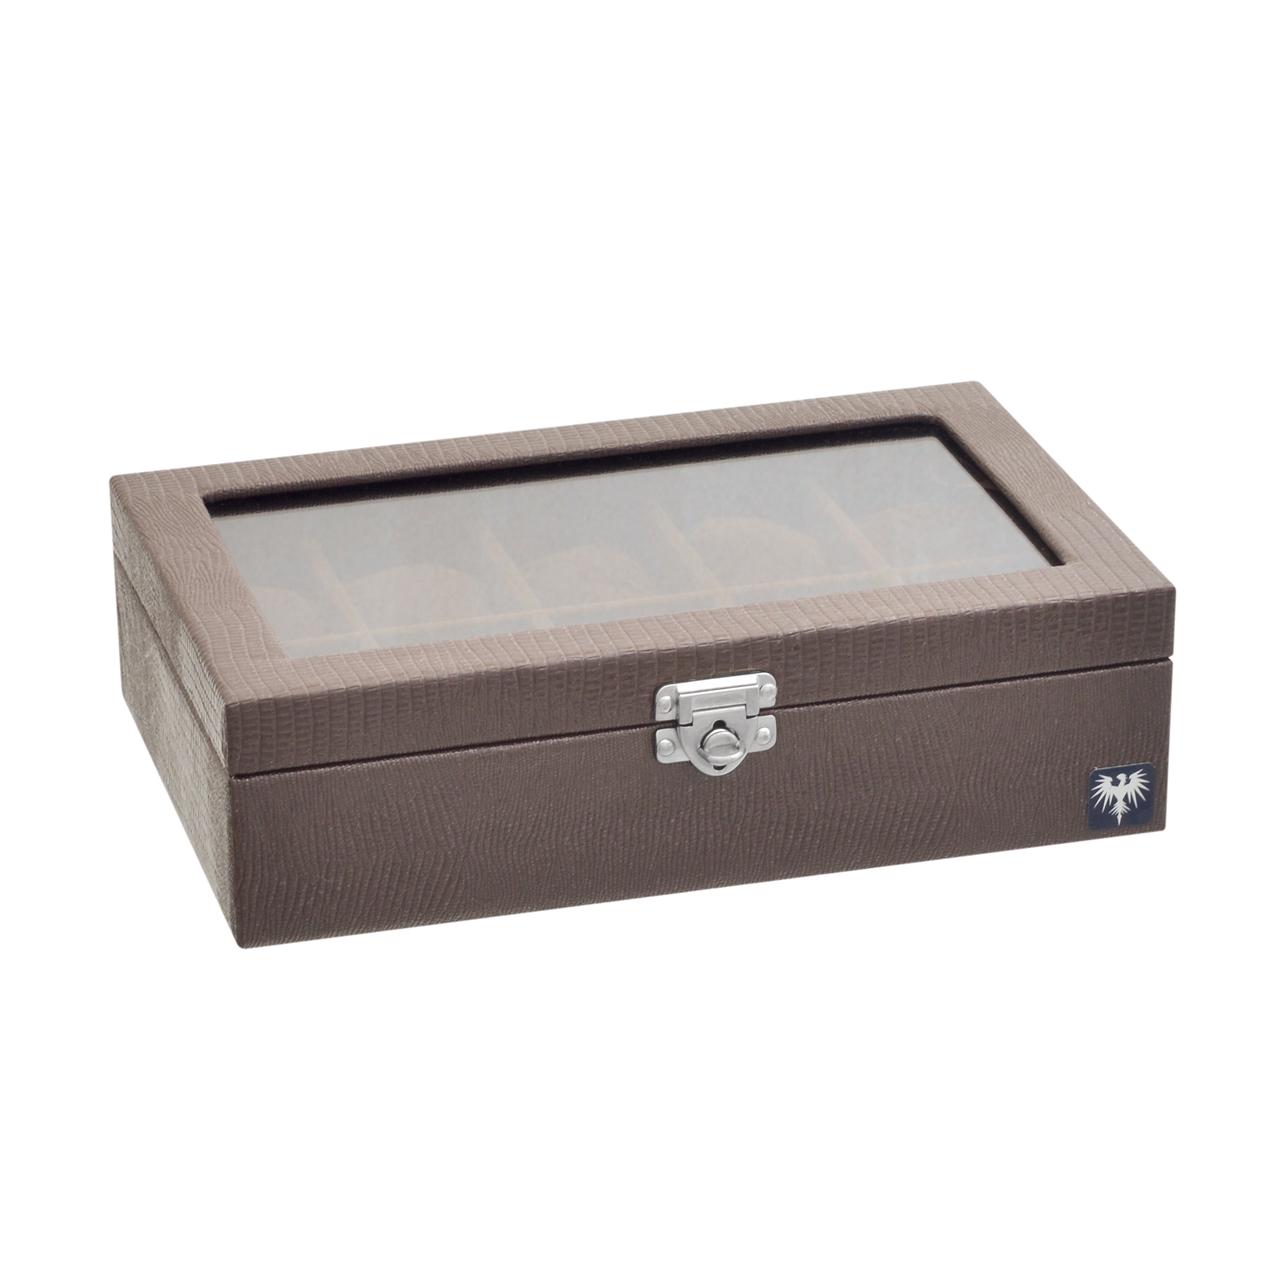 estojo-couro-ecologico-10-relogios-marrom-marrom-porta-caixa-imagem-4.jpg